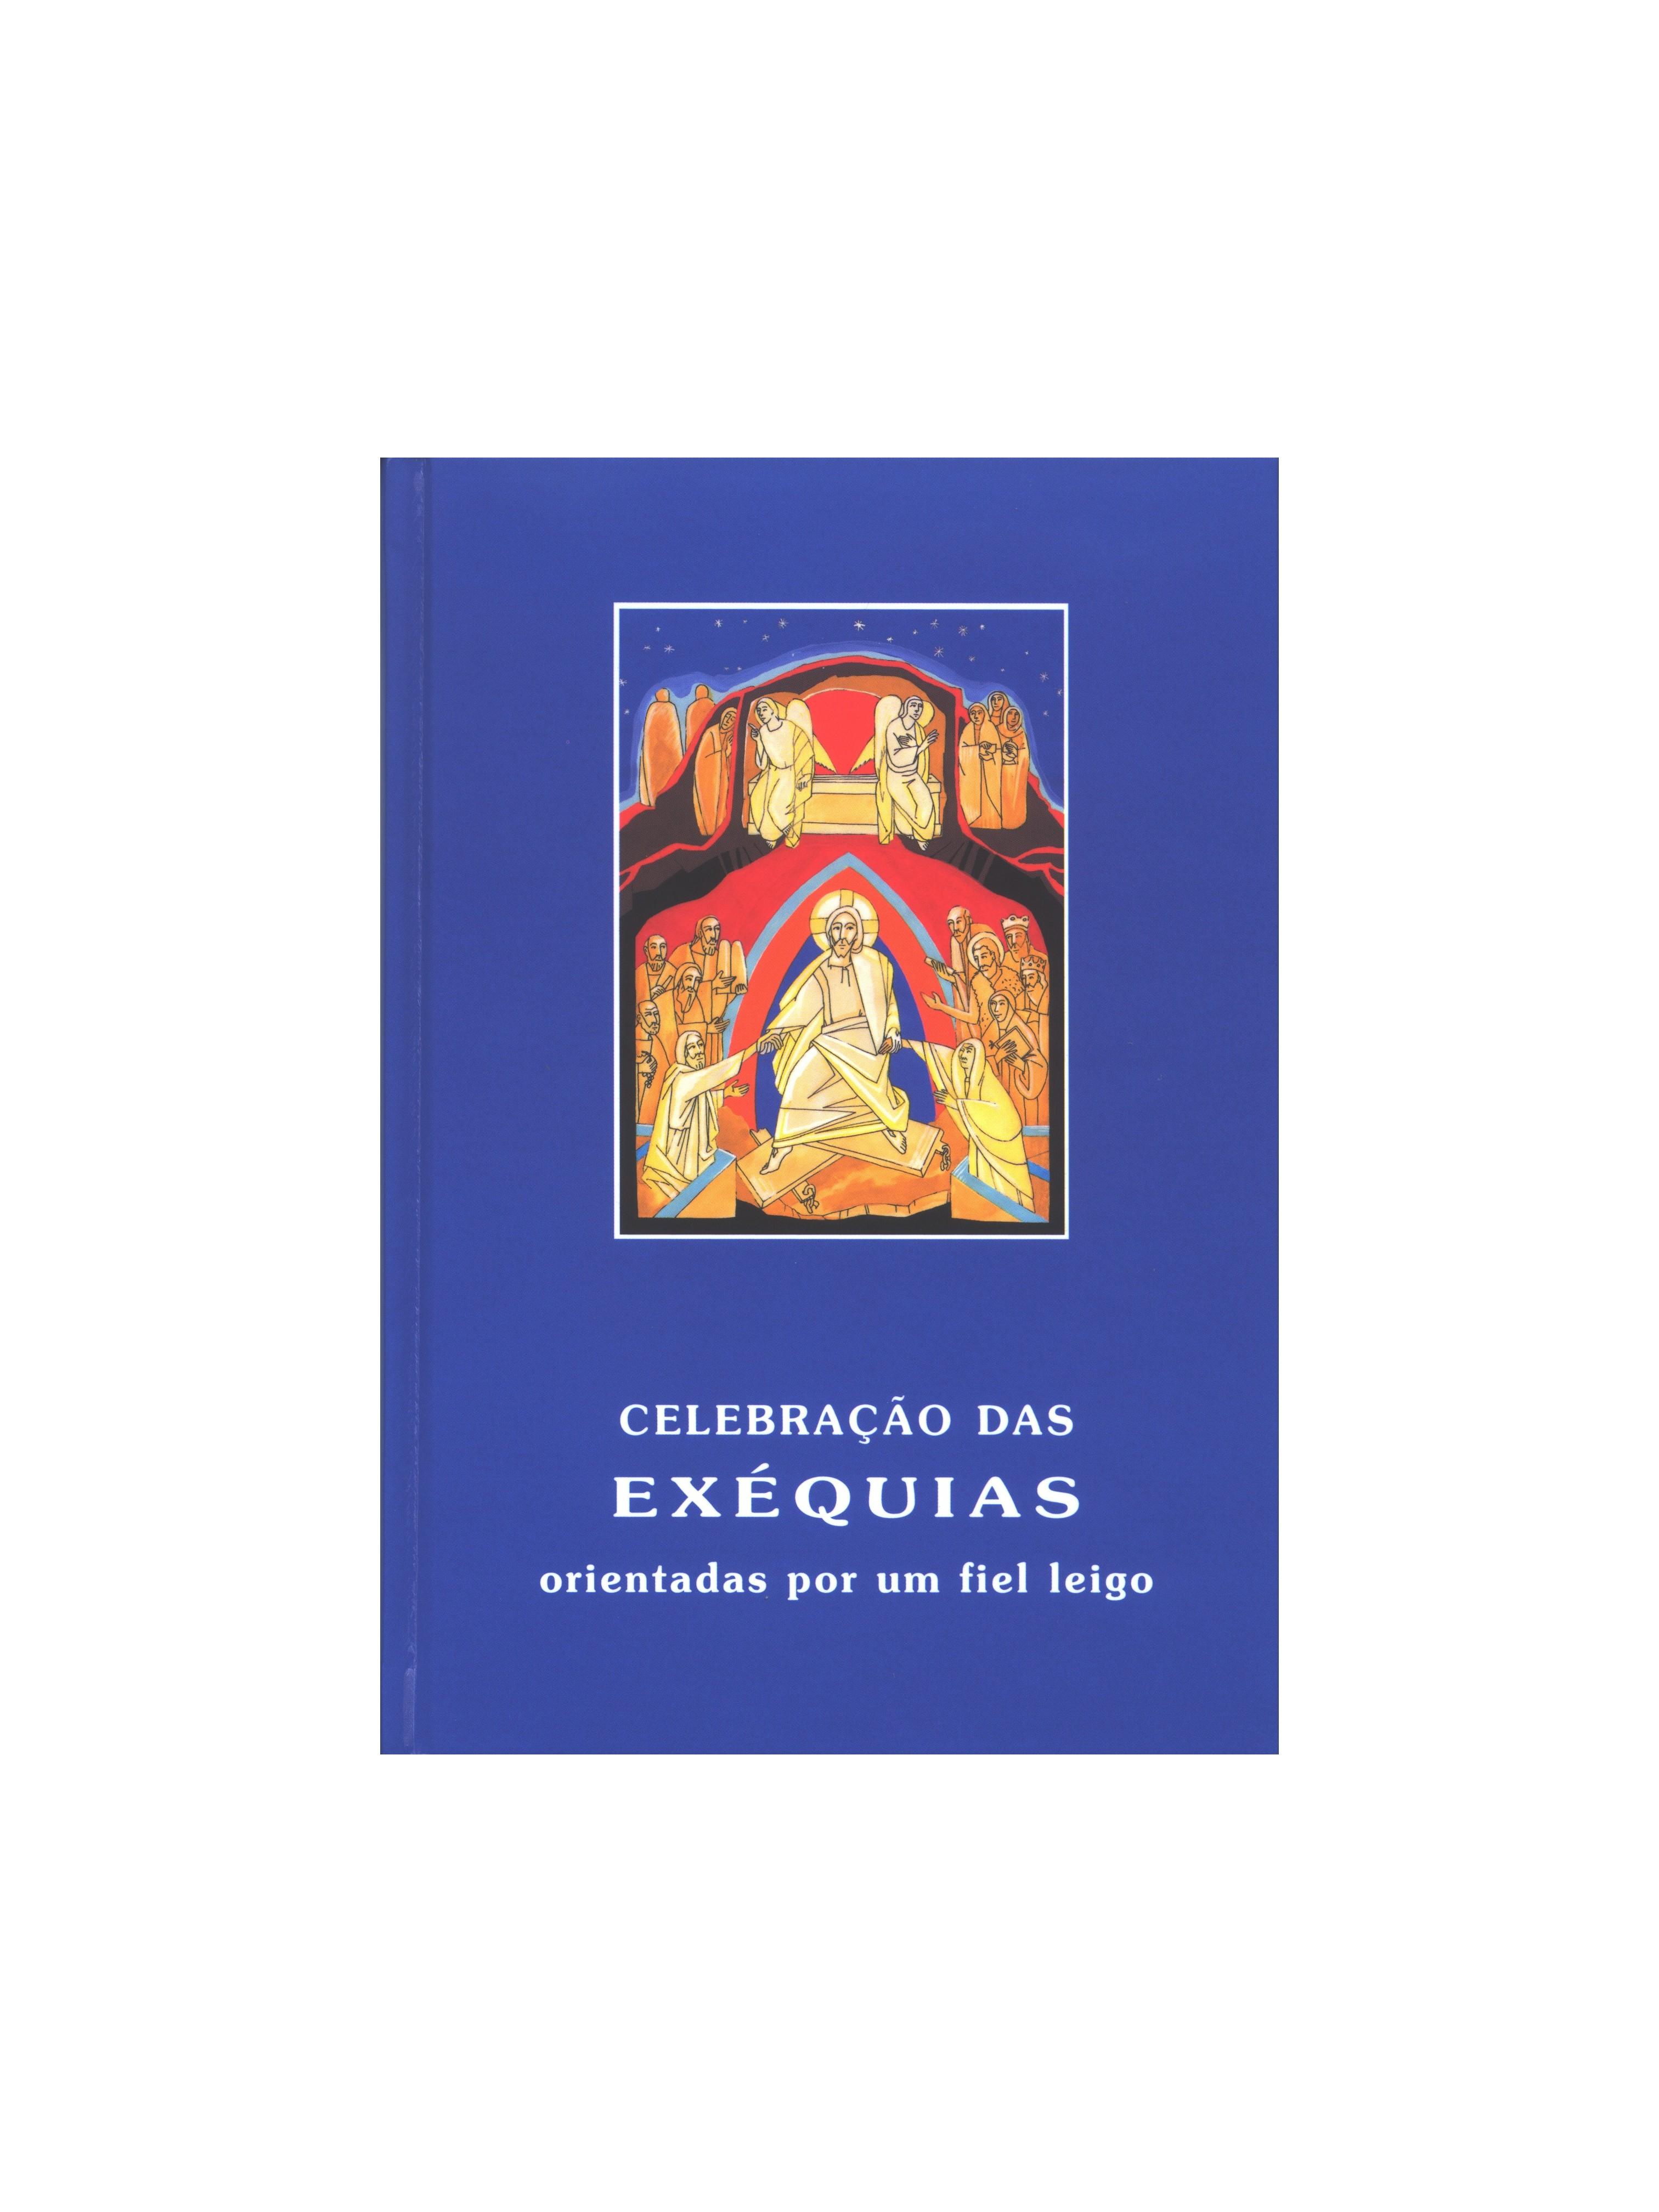 Celebração das Exéquias orientadas por um fiel leigo